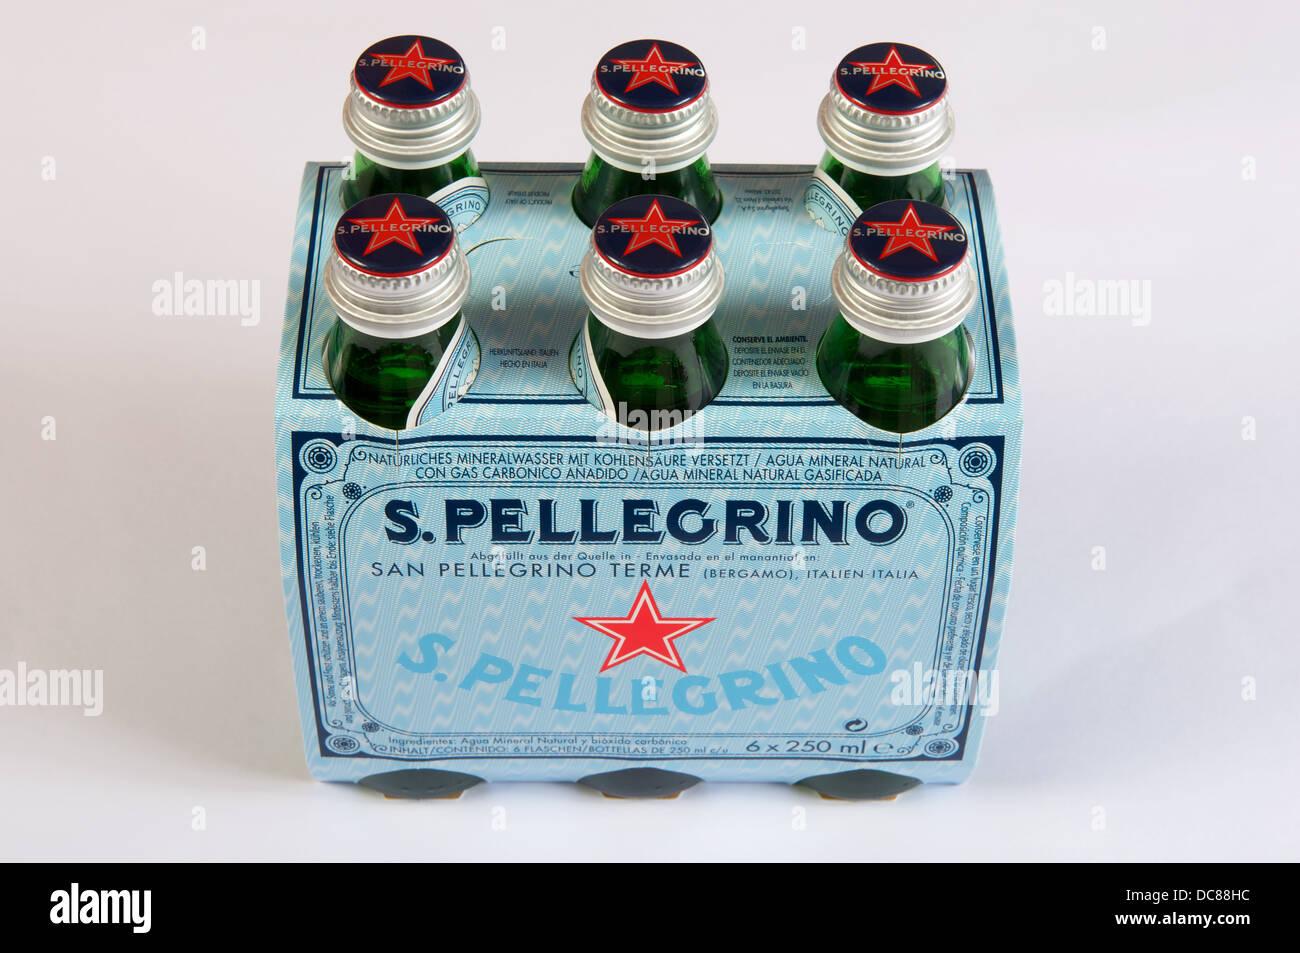 San Pellegrino bottled water - Stock Image